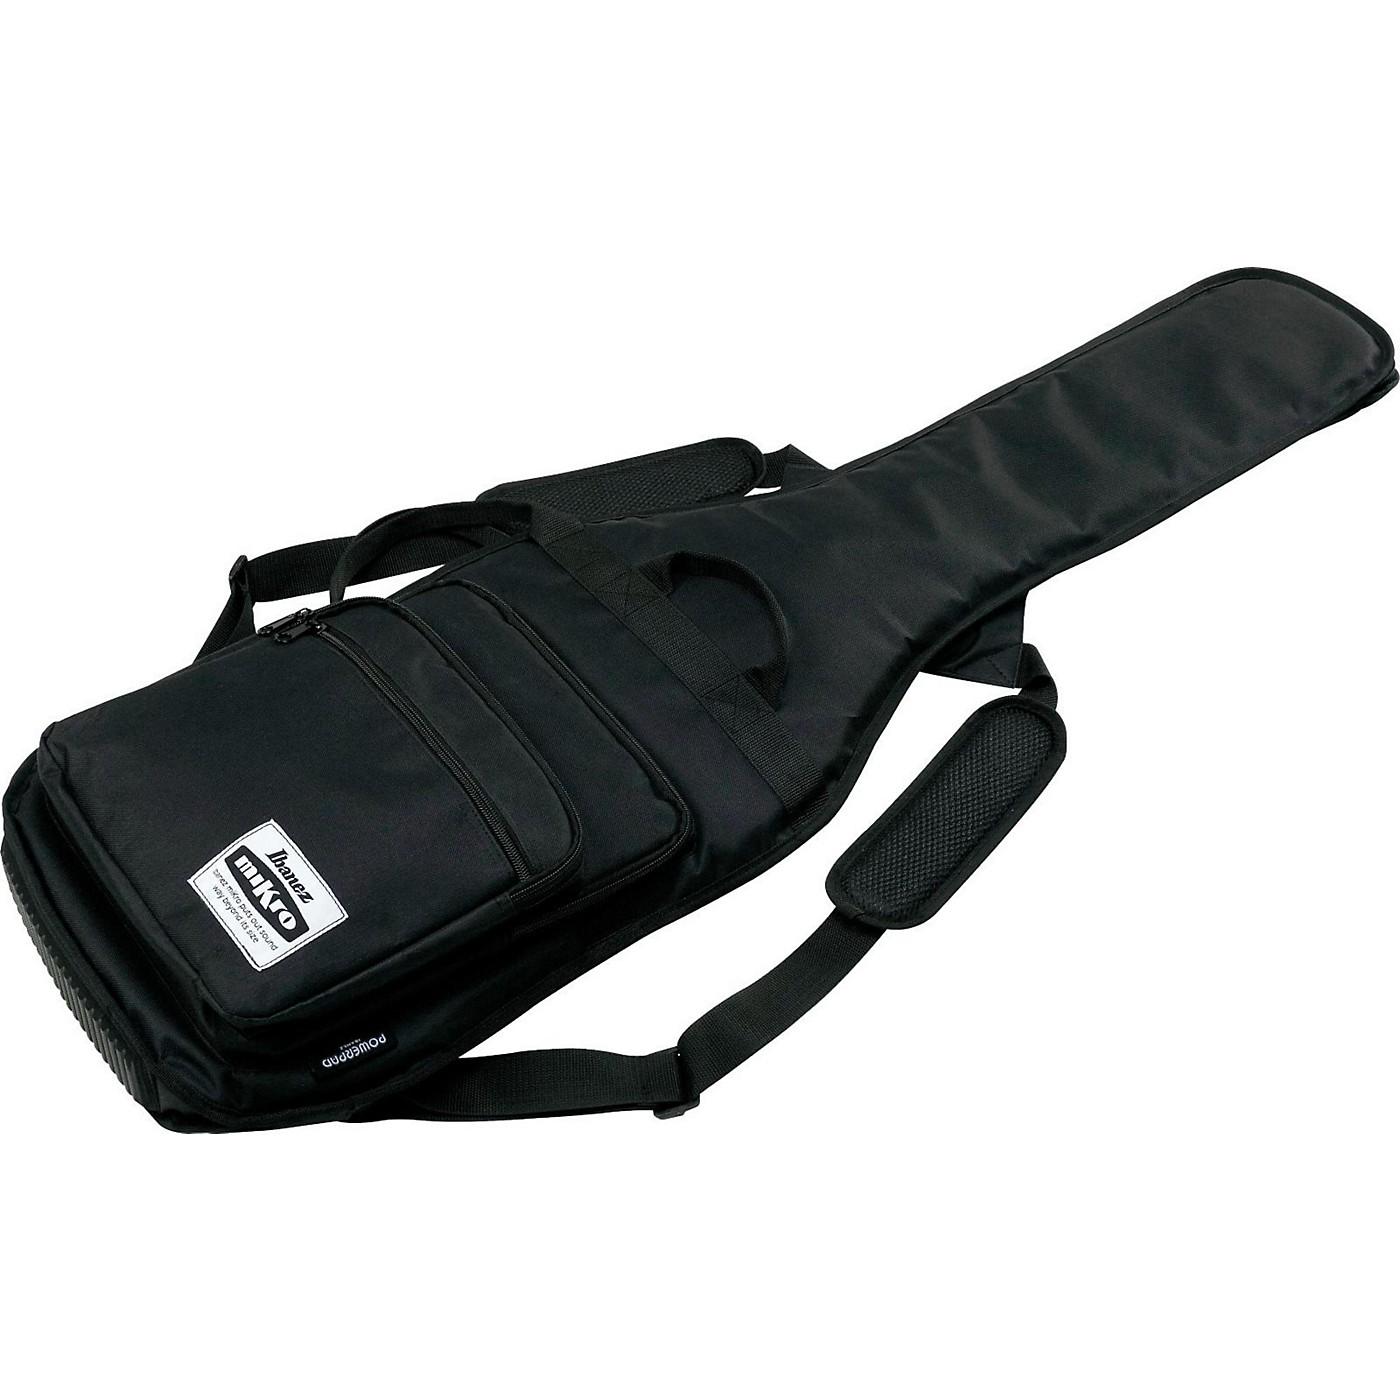 Ibanez miKro Series Electric Bass Gig Bag thumbnail